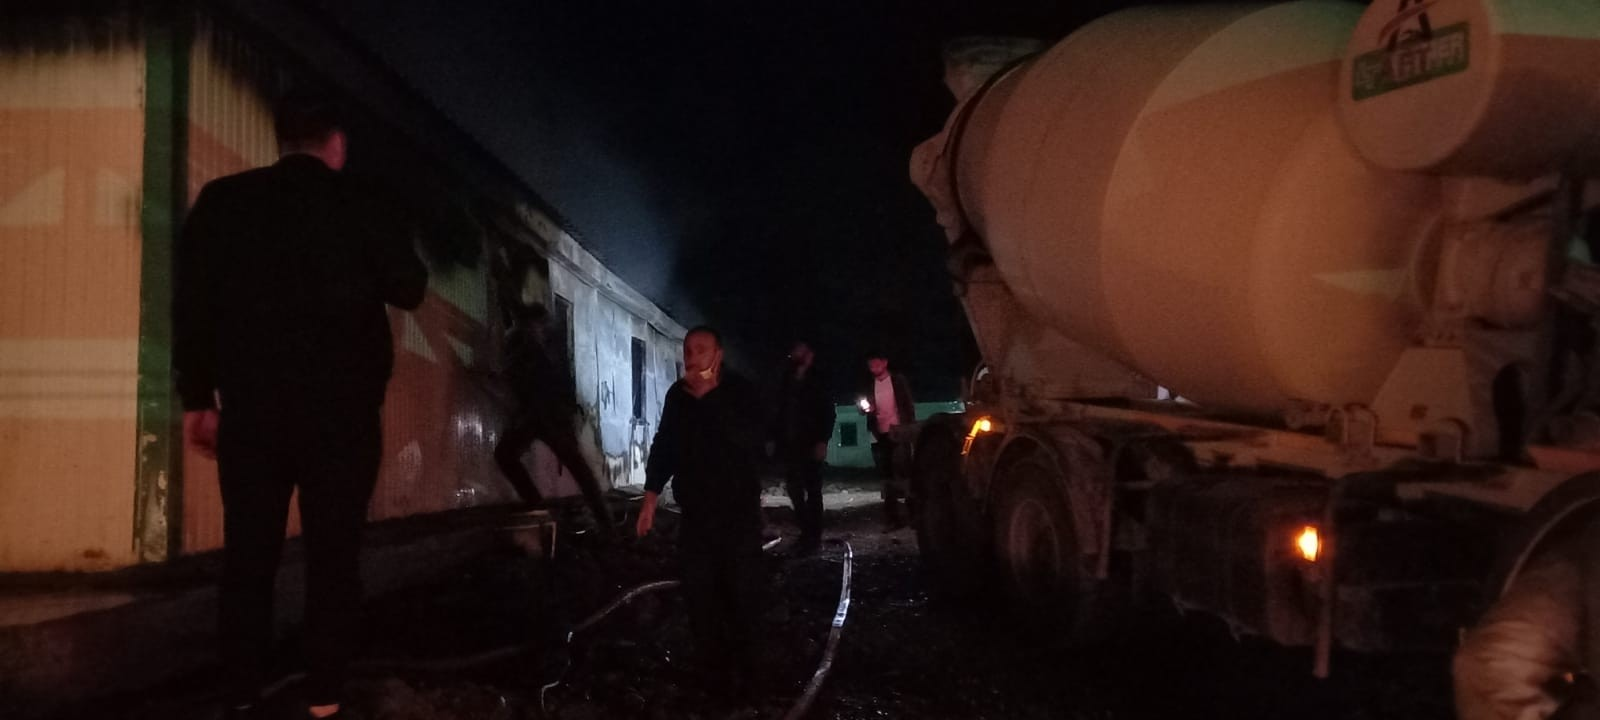 Artvin'de yol inşaatında çalışan işçilerin kaldığı konteynerde yangın çıktı